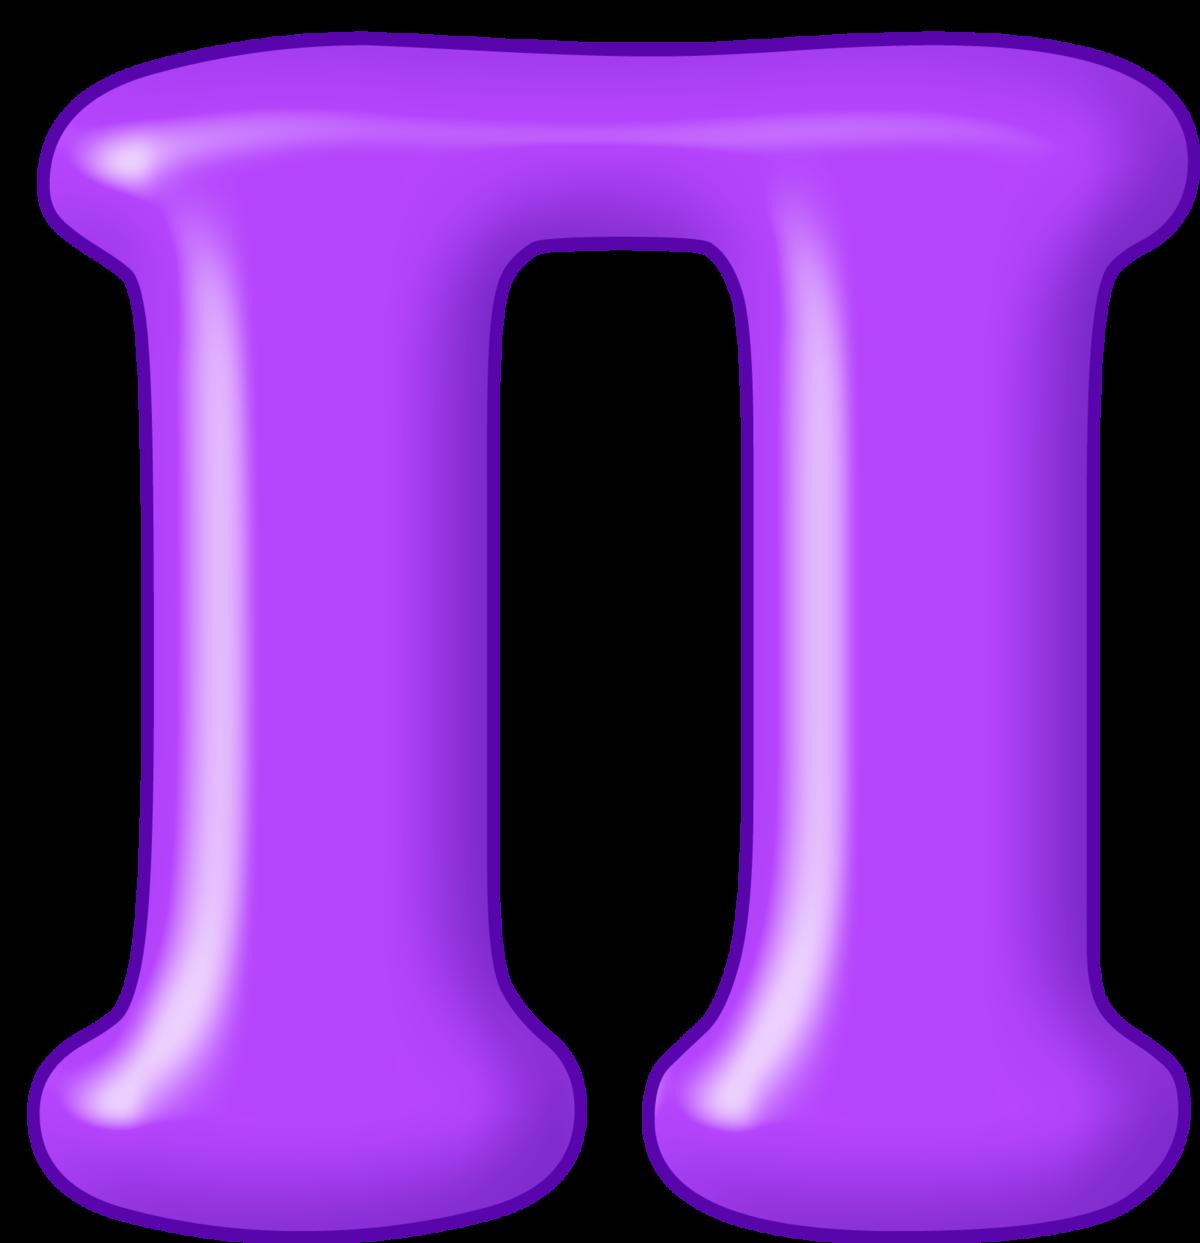 тебя картинки с буквами русского алфавита красивые такие будет труднее